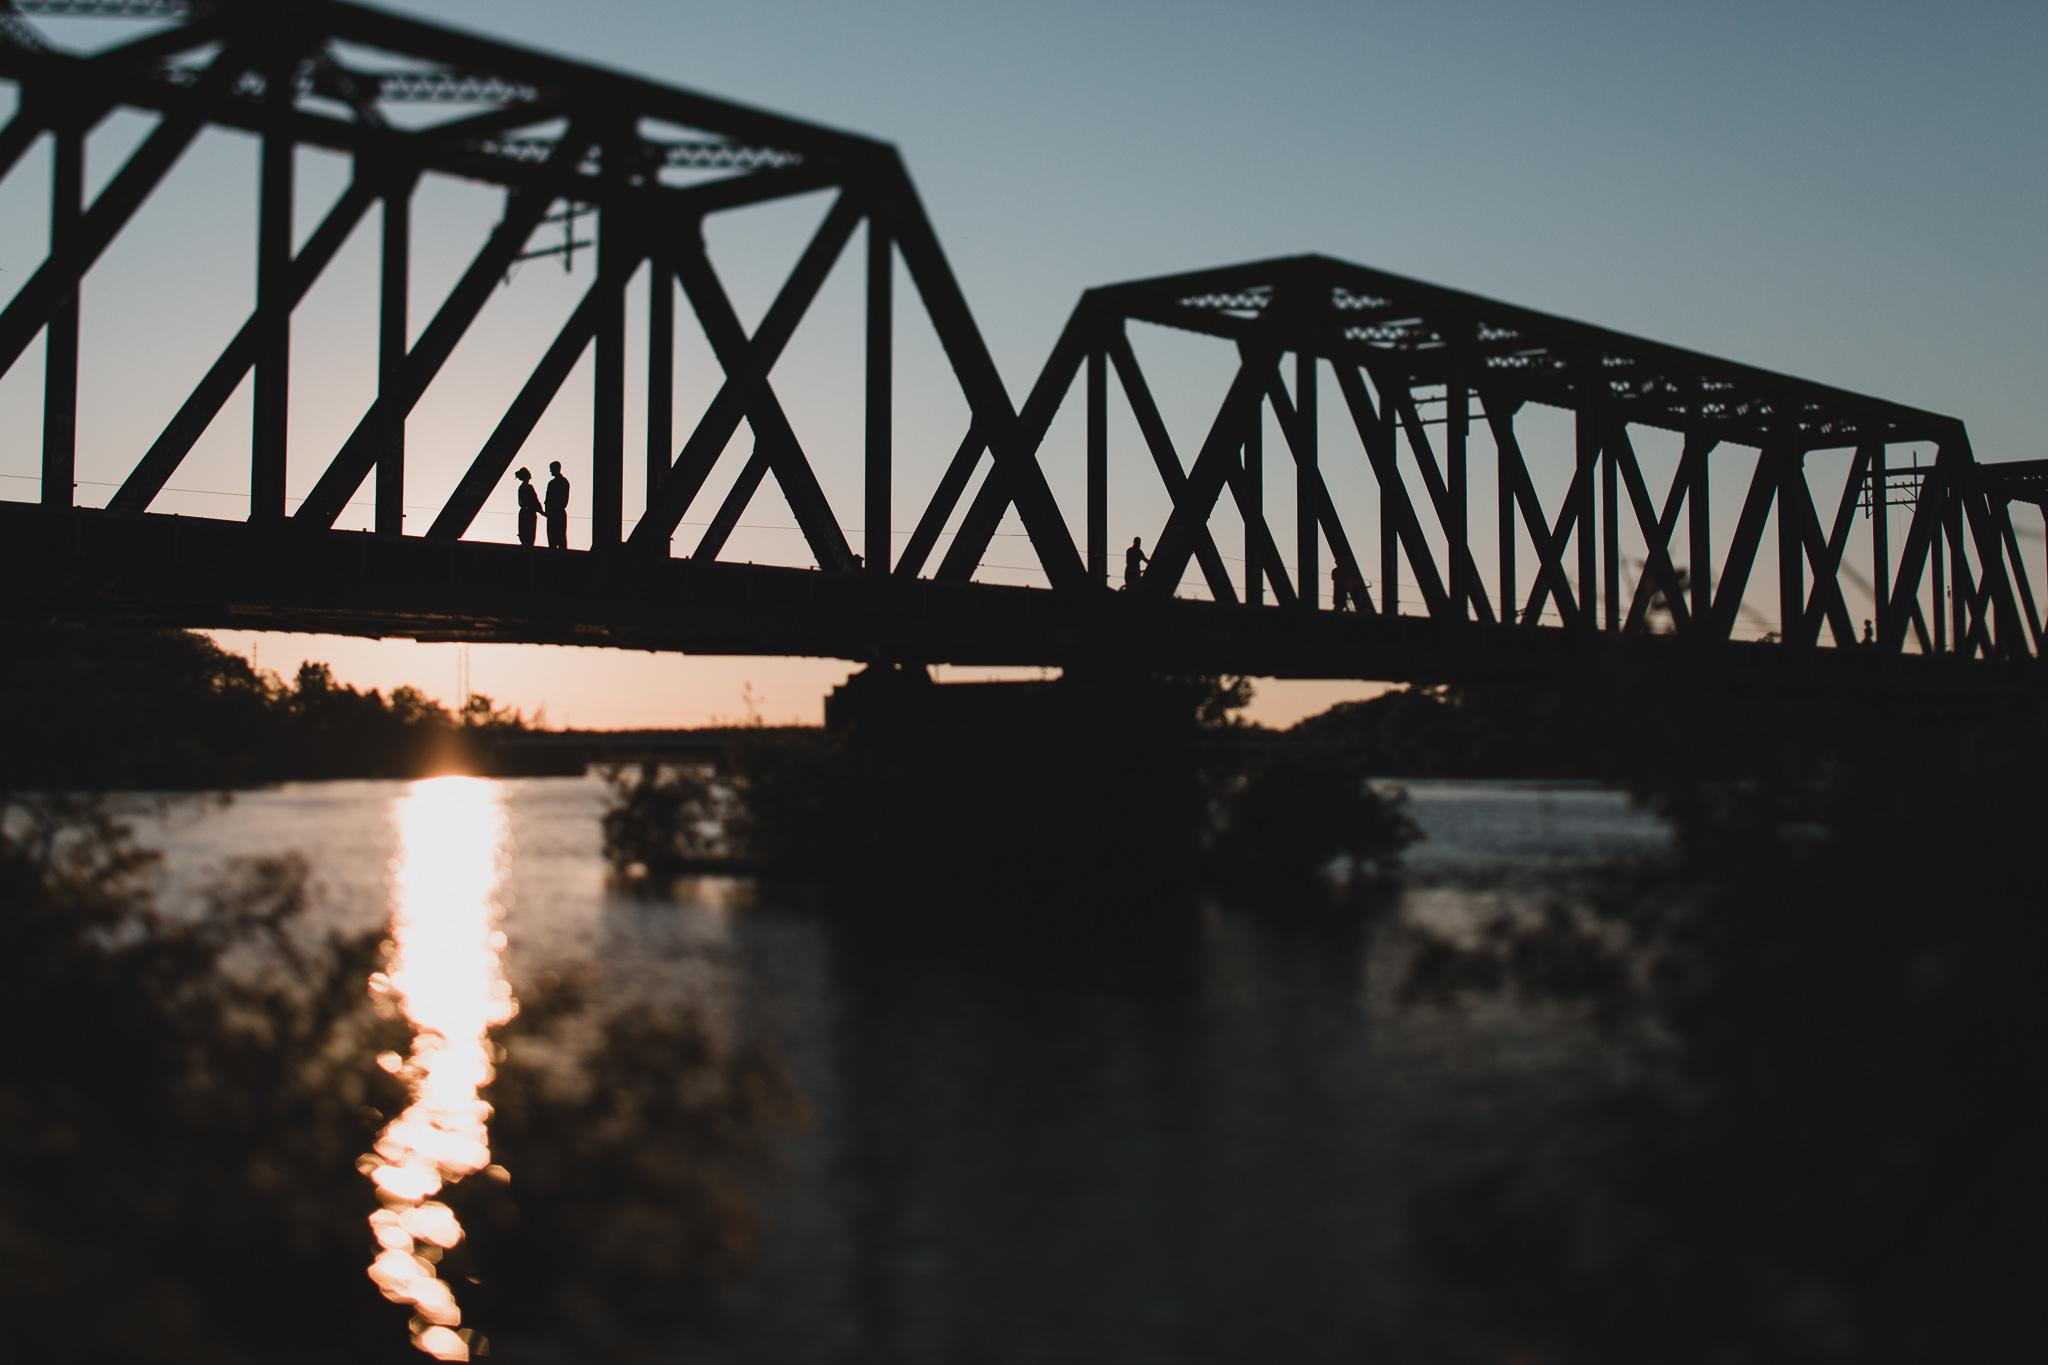 Ottawa train bridge 2016 closure, Prince of Wales